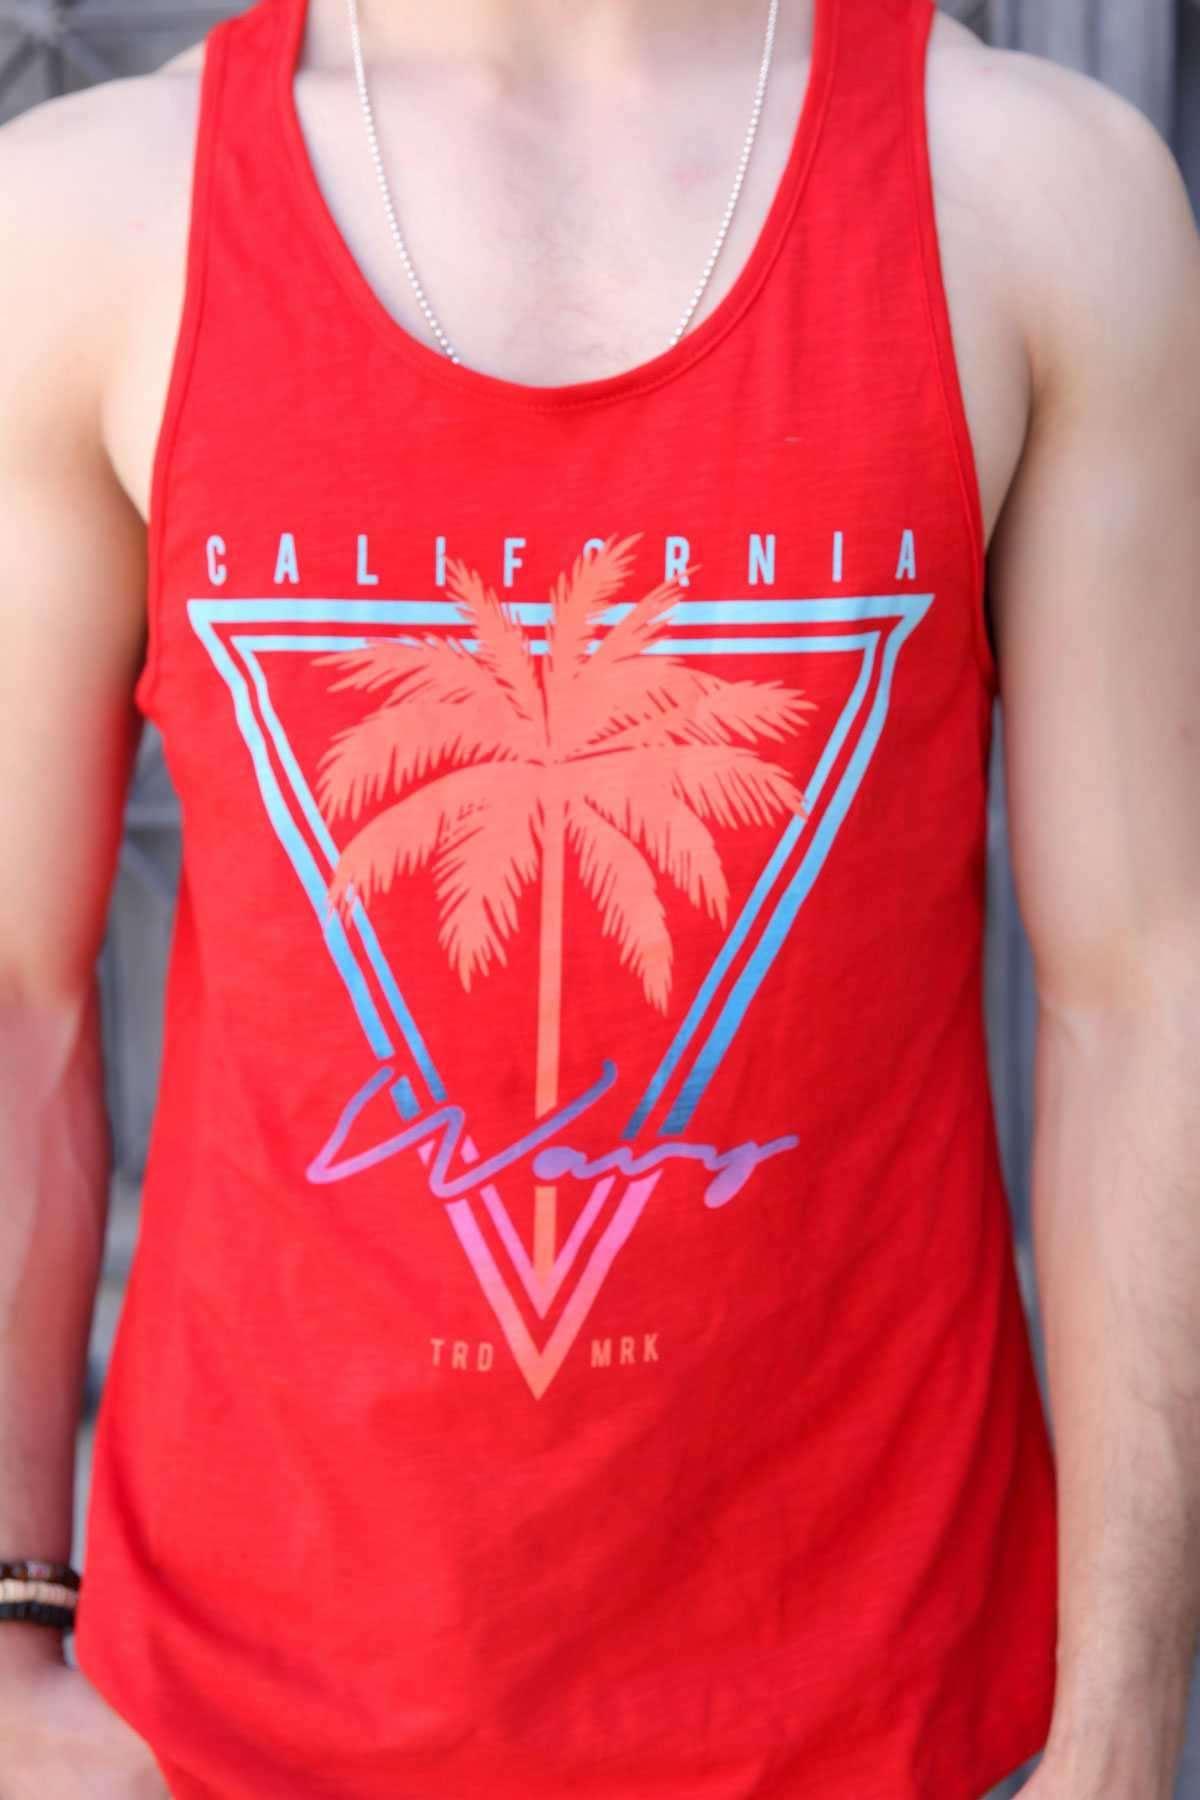 California Yazılı Üçgen Ve Palmiye Baskılı Slim Fit Atlet Kırmızı